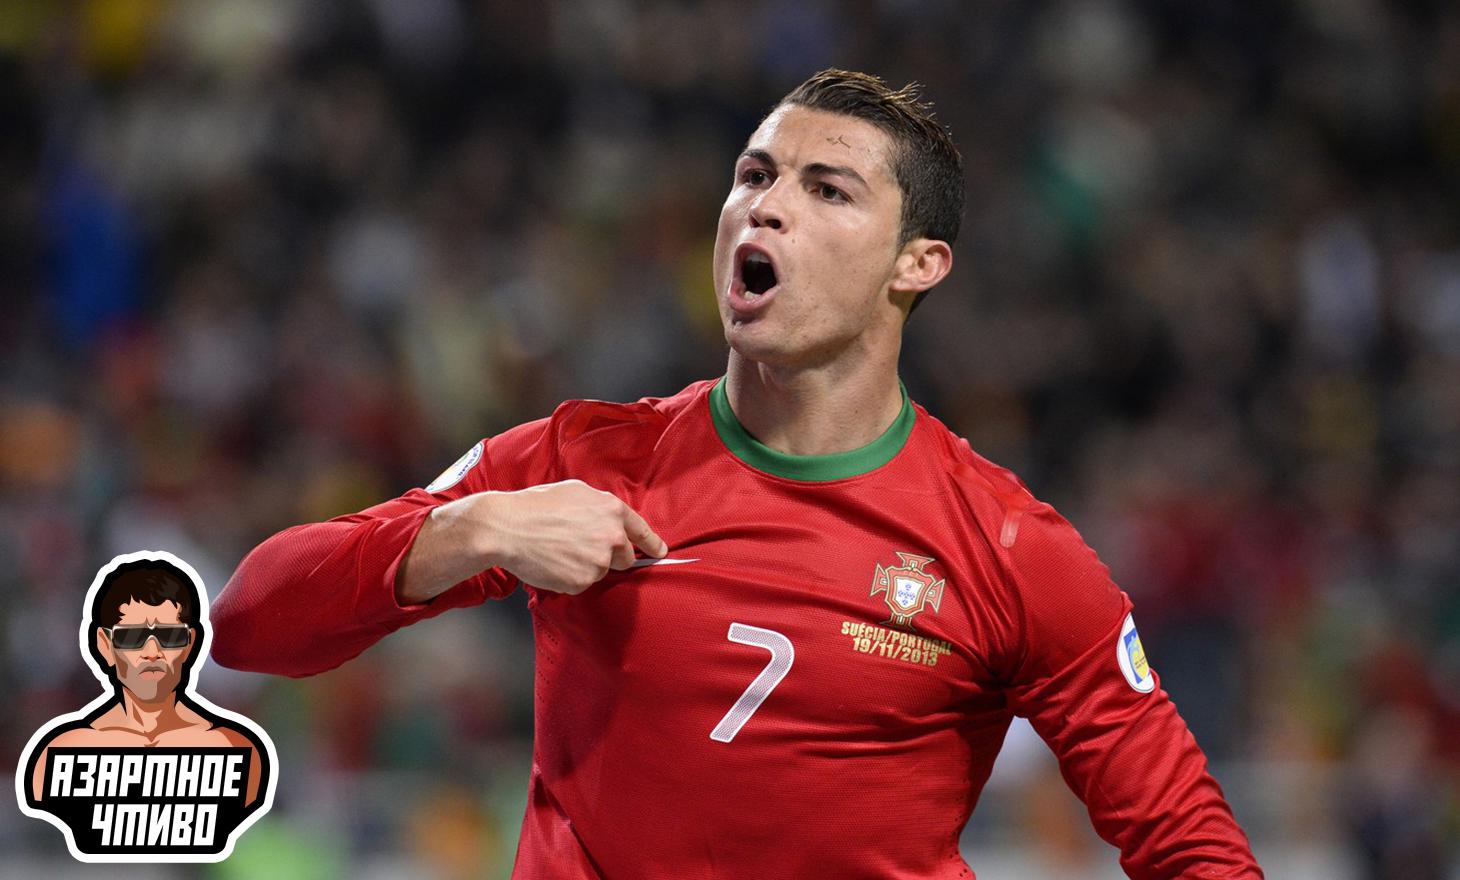 Евро-2020, квалификация Евро-2020, Ставки на футбол, Ставки на спорт